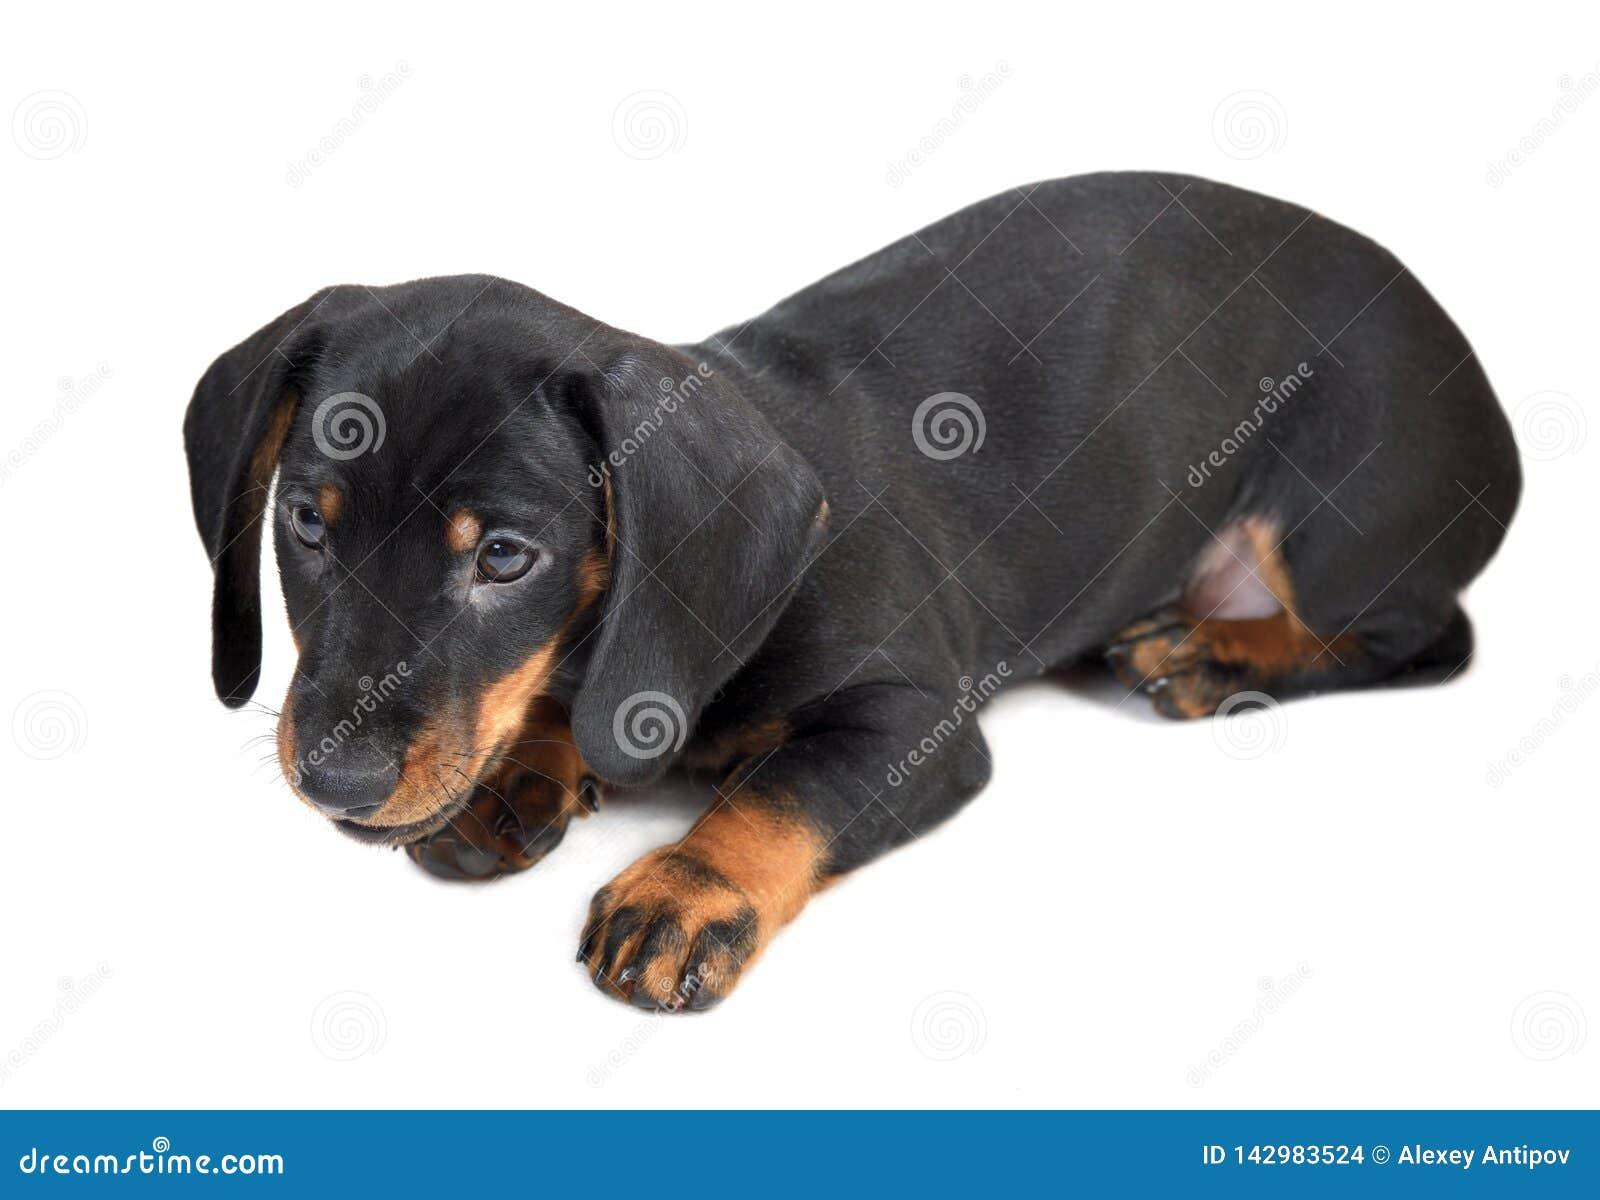 Лежа двухмесячное ровное черное и загореть щенка таксы